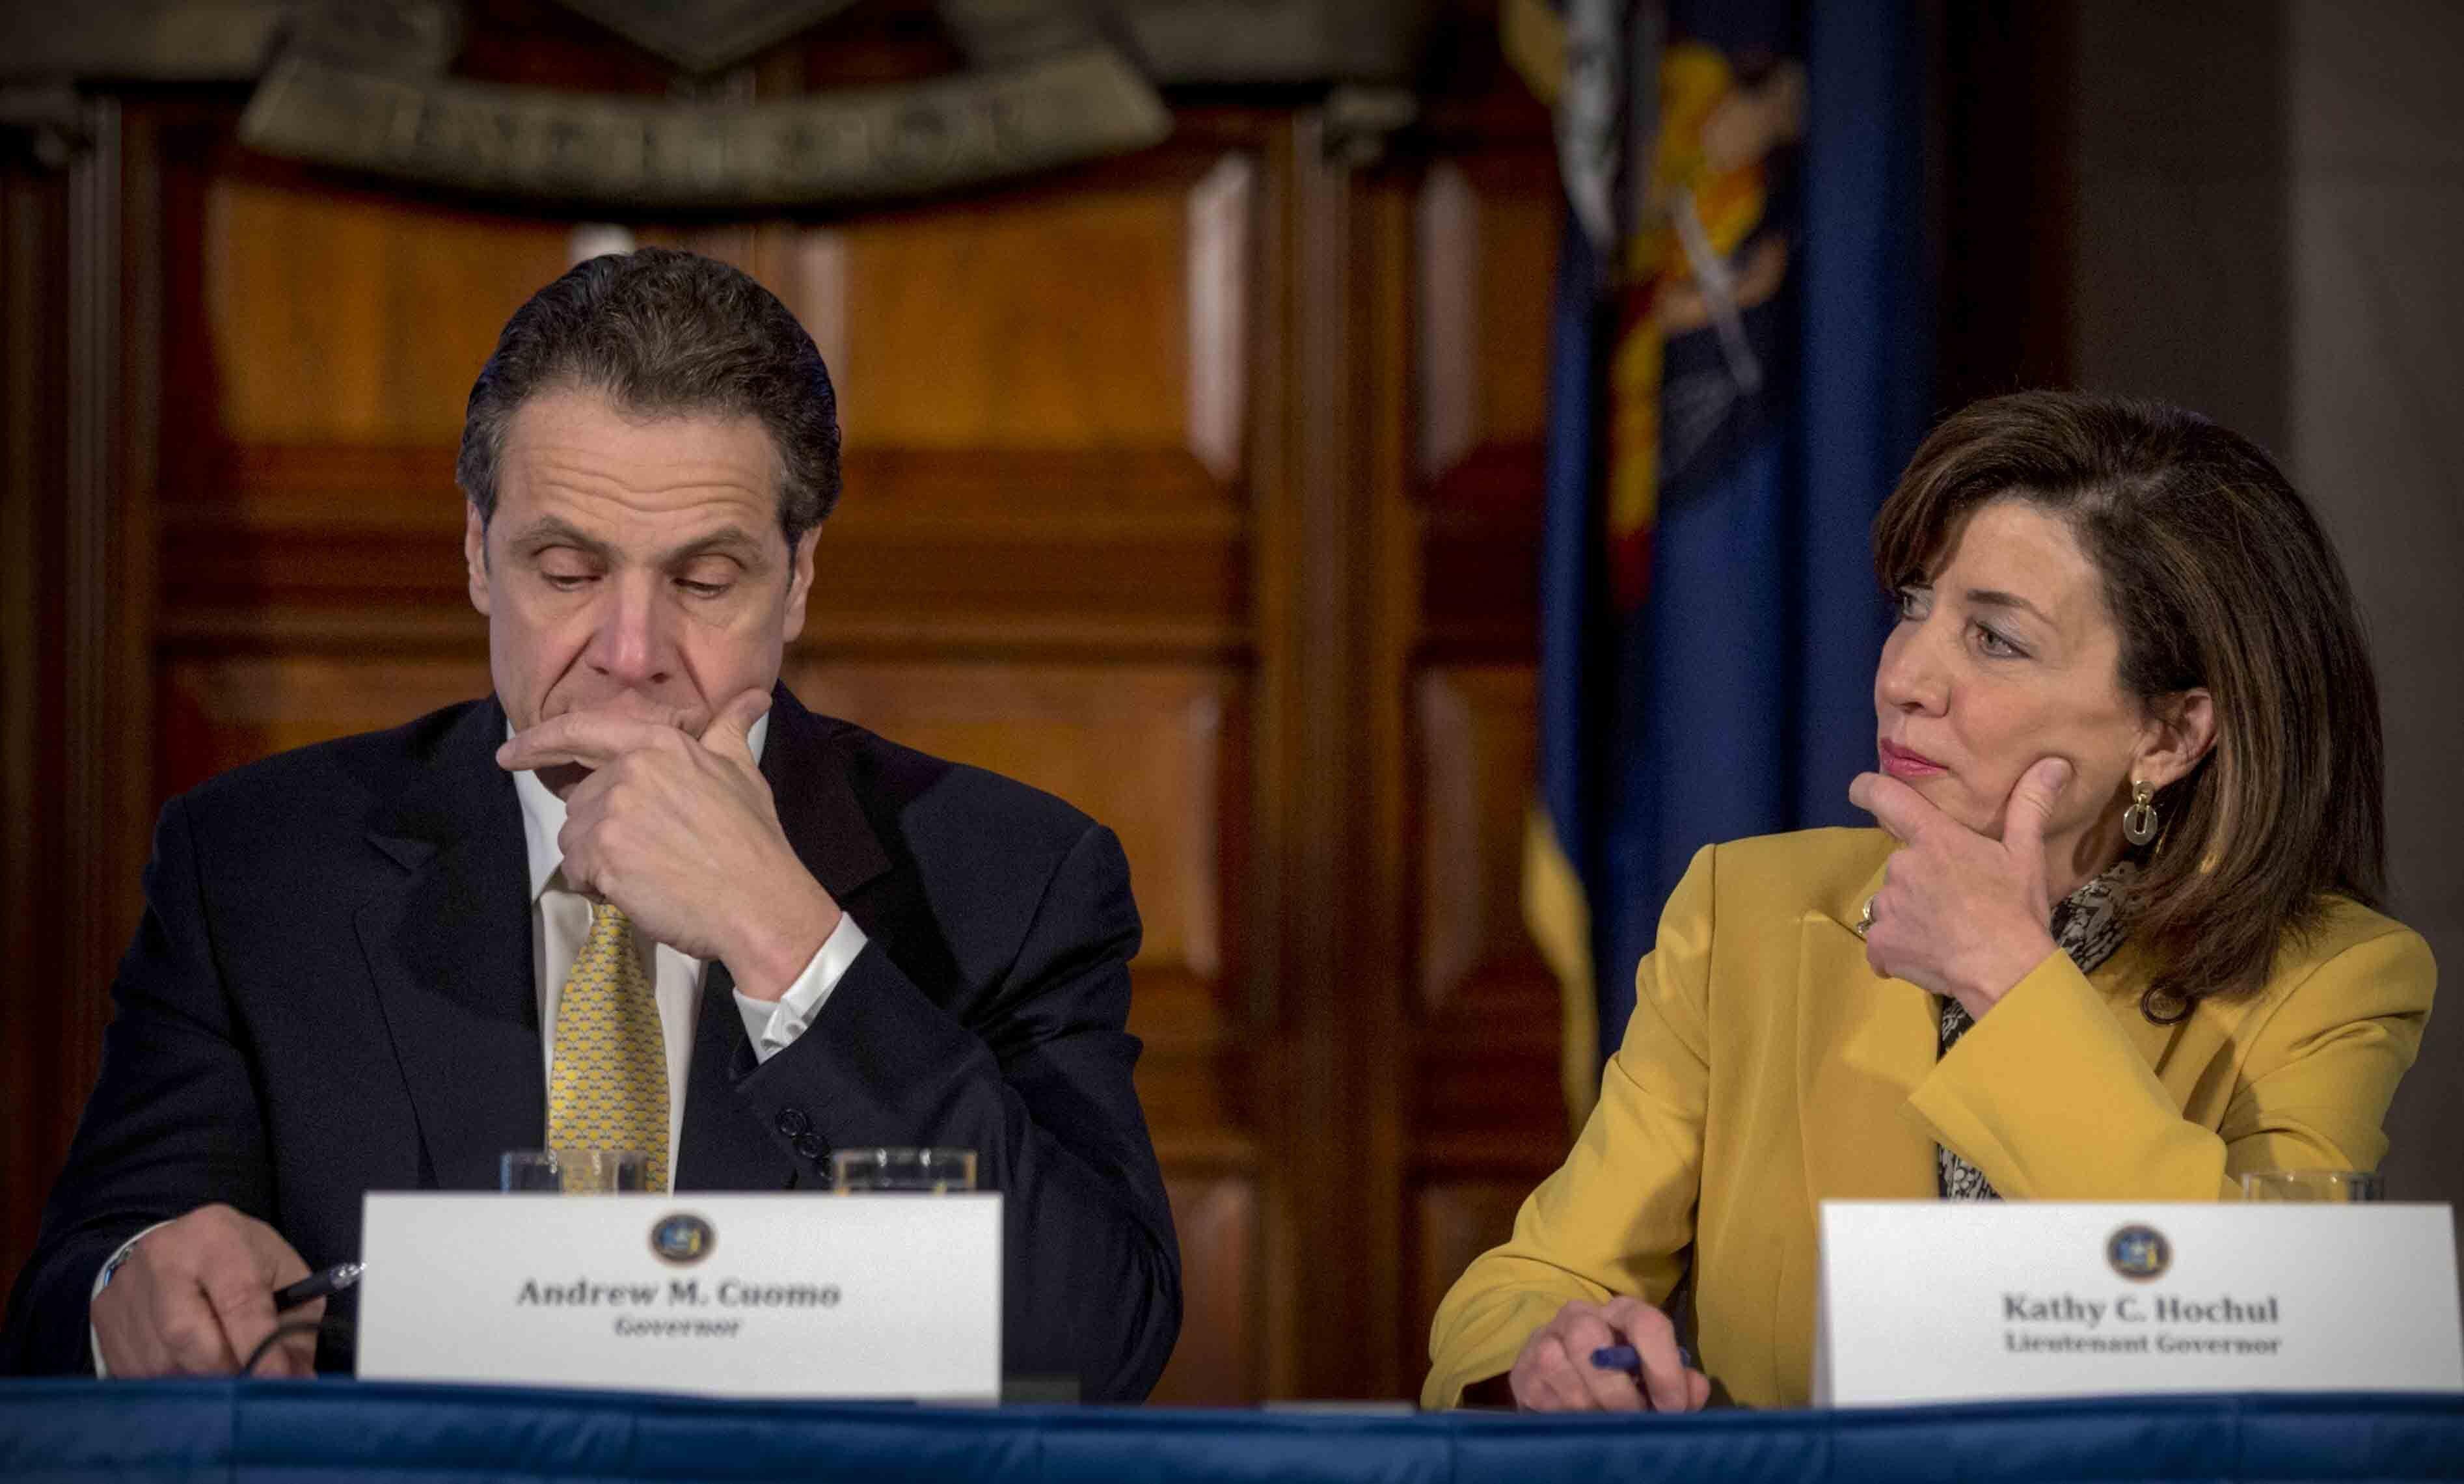 Lieutenant Governor Kathy Hochul responds to Governor Cuomo's resignation